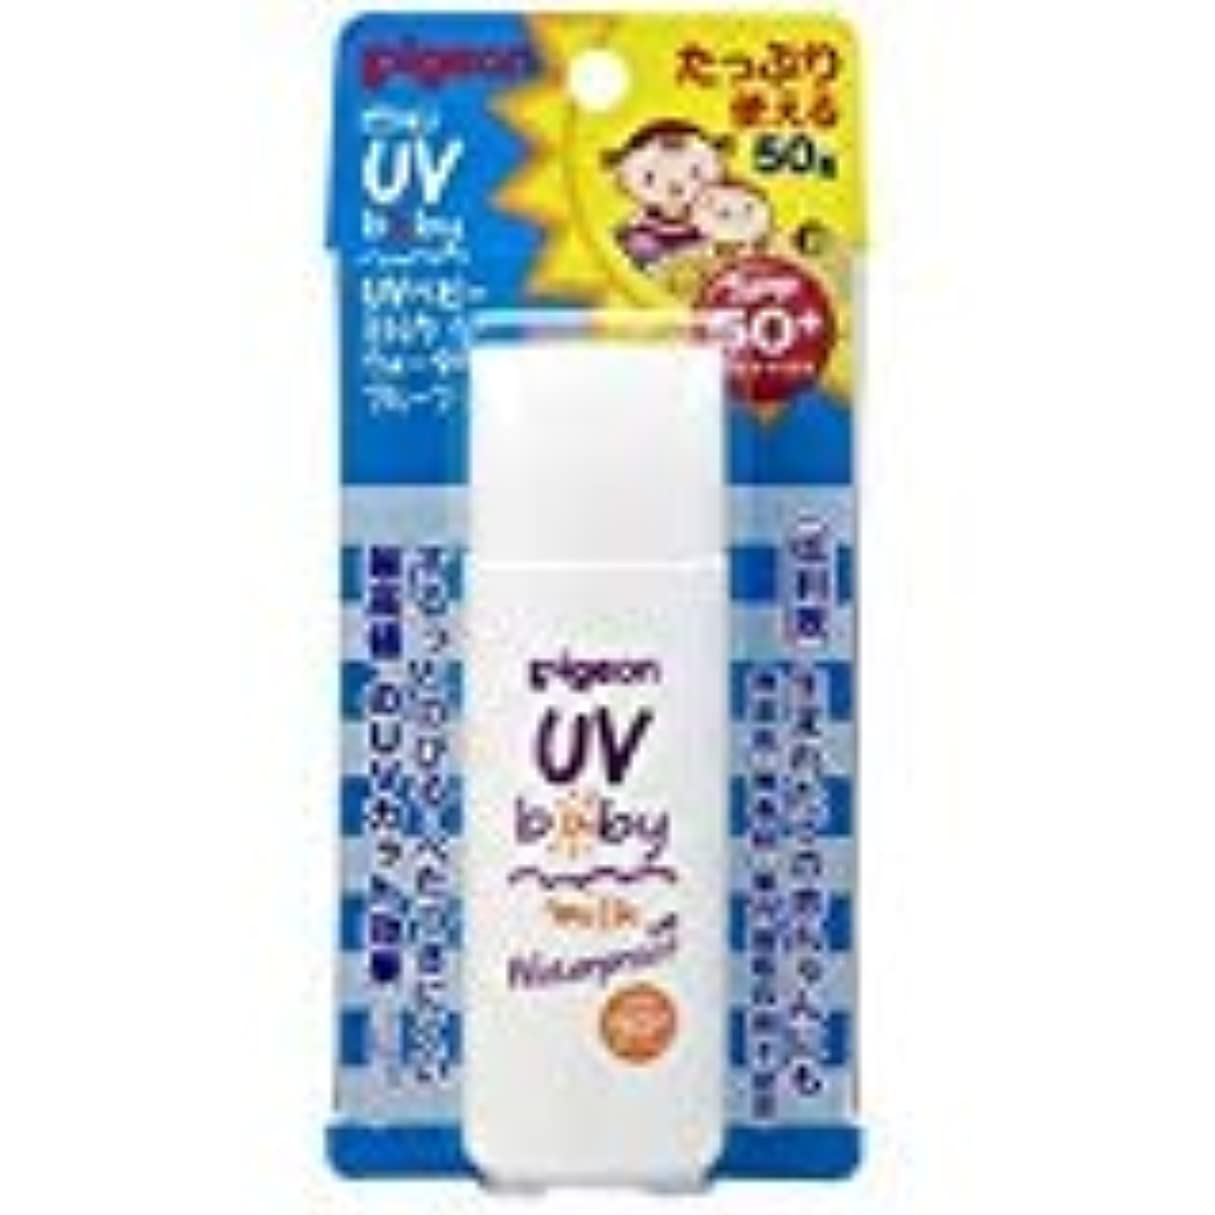 配管性別原点ピジョン UVベビーミルク ウォータープルーフ SPF50+ 50g